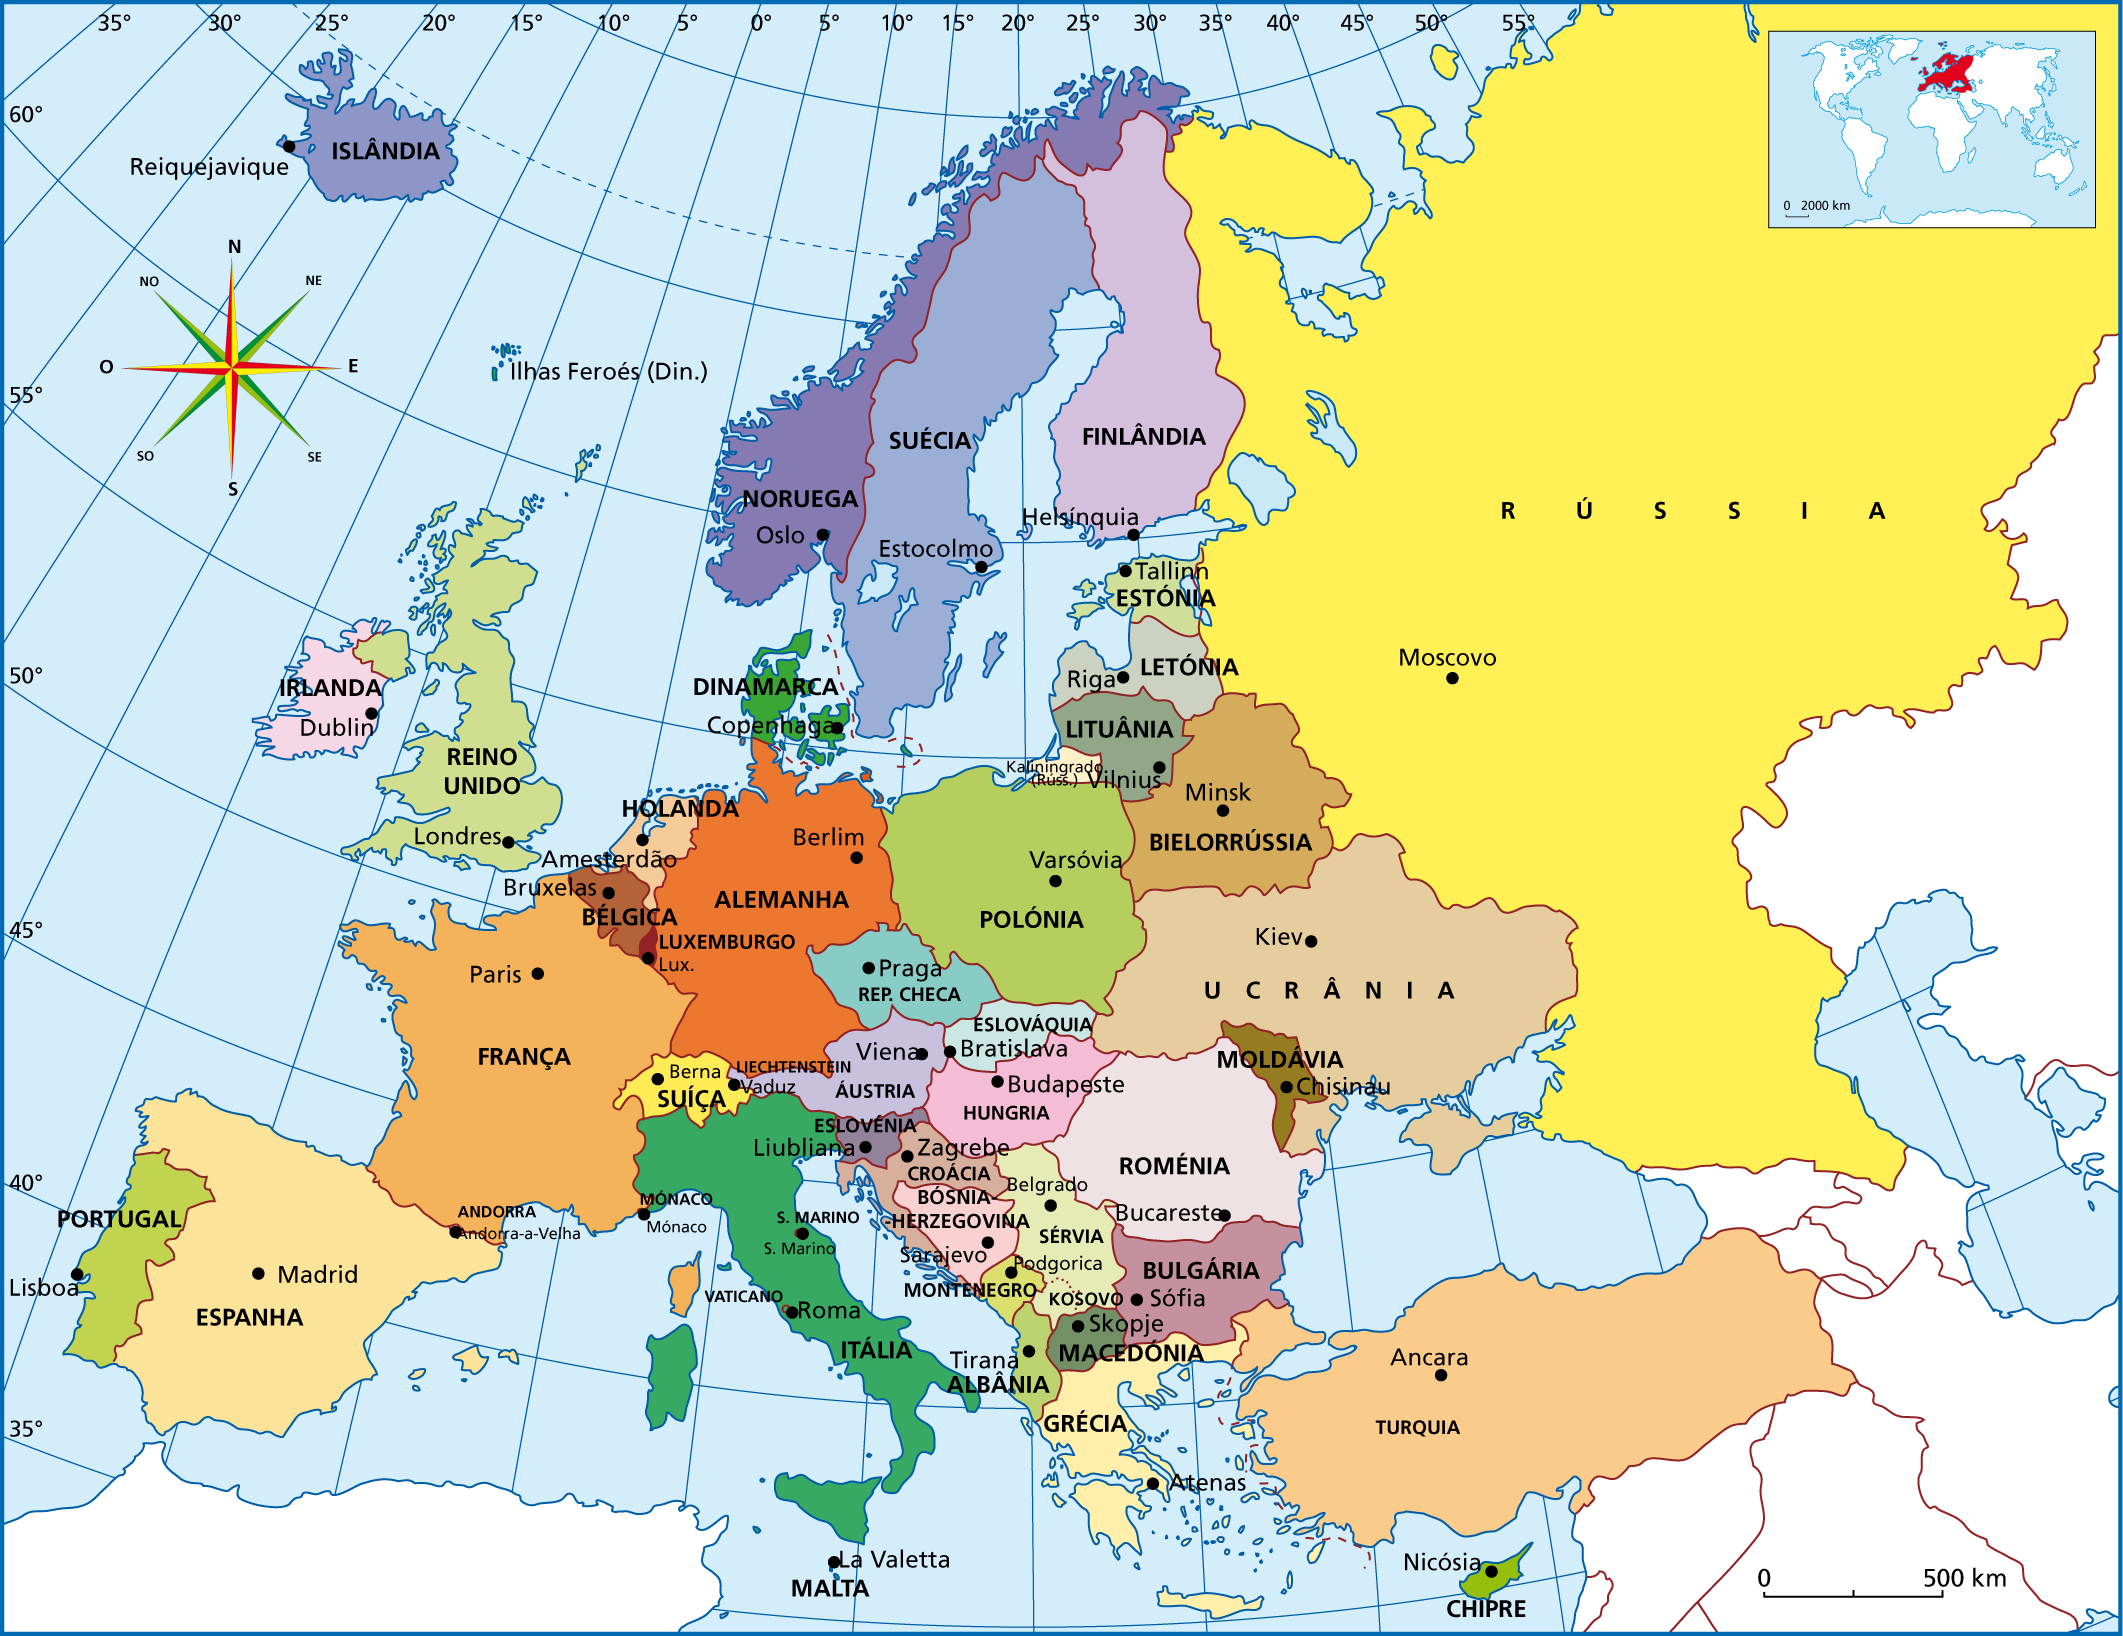 mapa mundi europa Resultado de imagem para mapa mundi europa | Mapas | Pinterest  mapa mundi europa